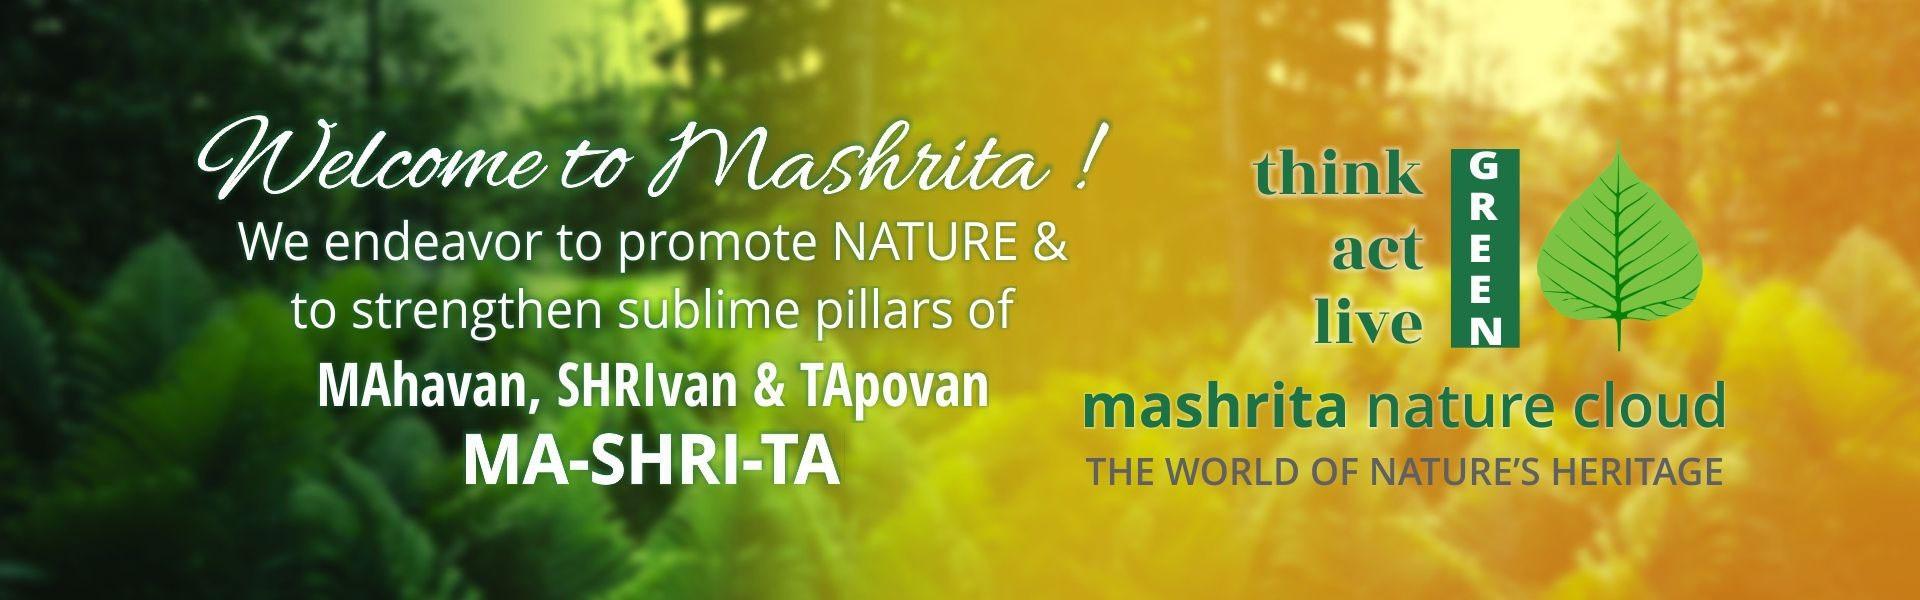 About Mashrita.com